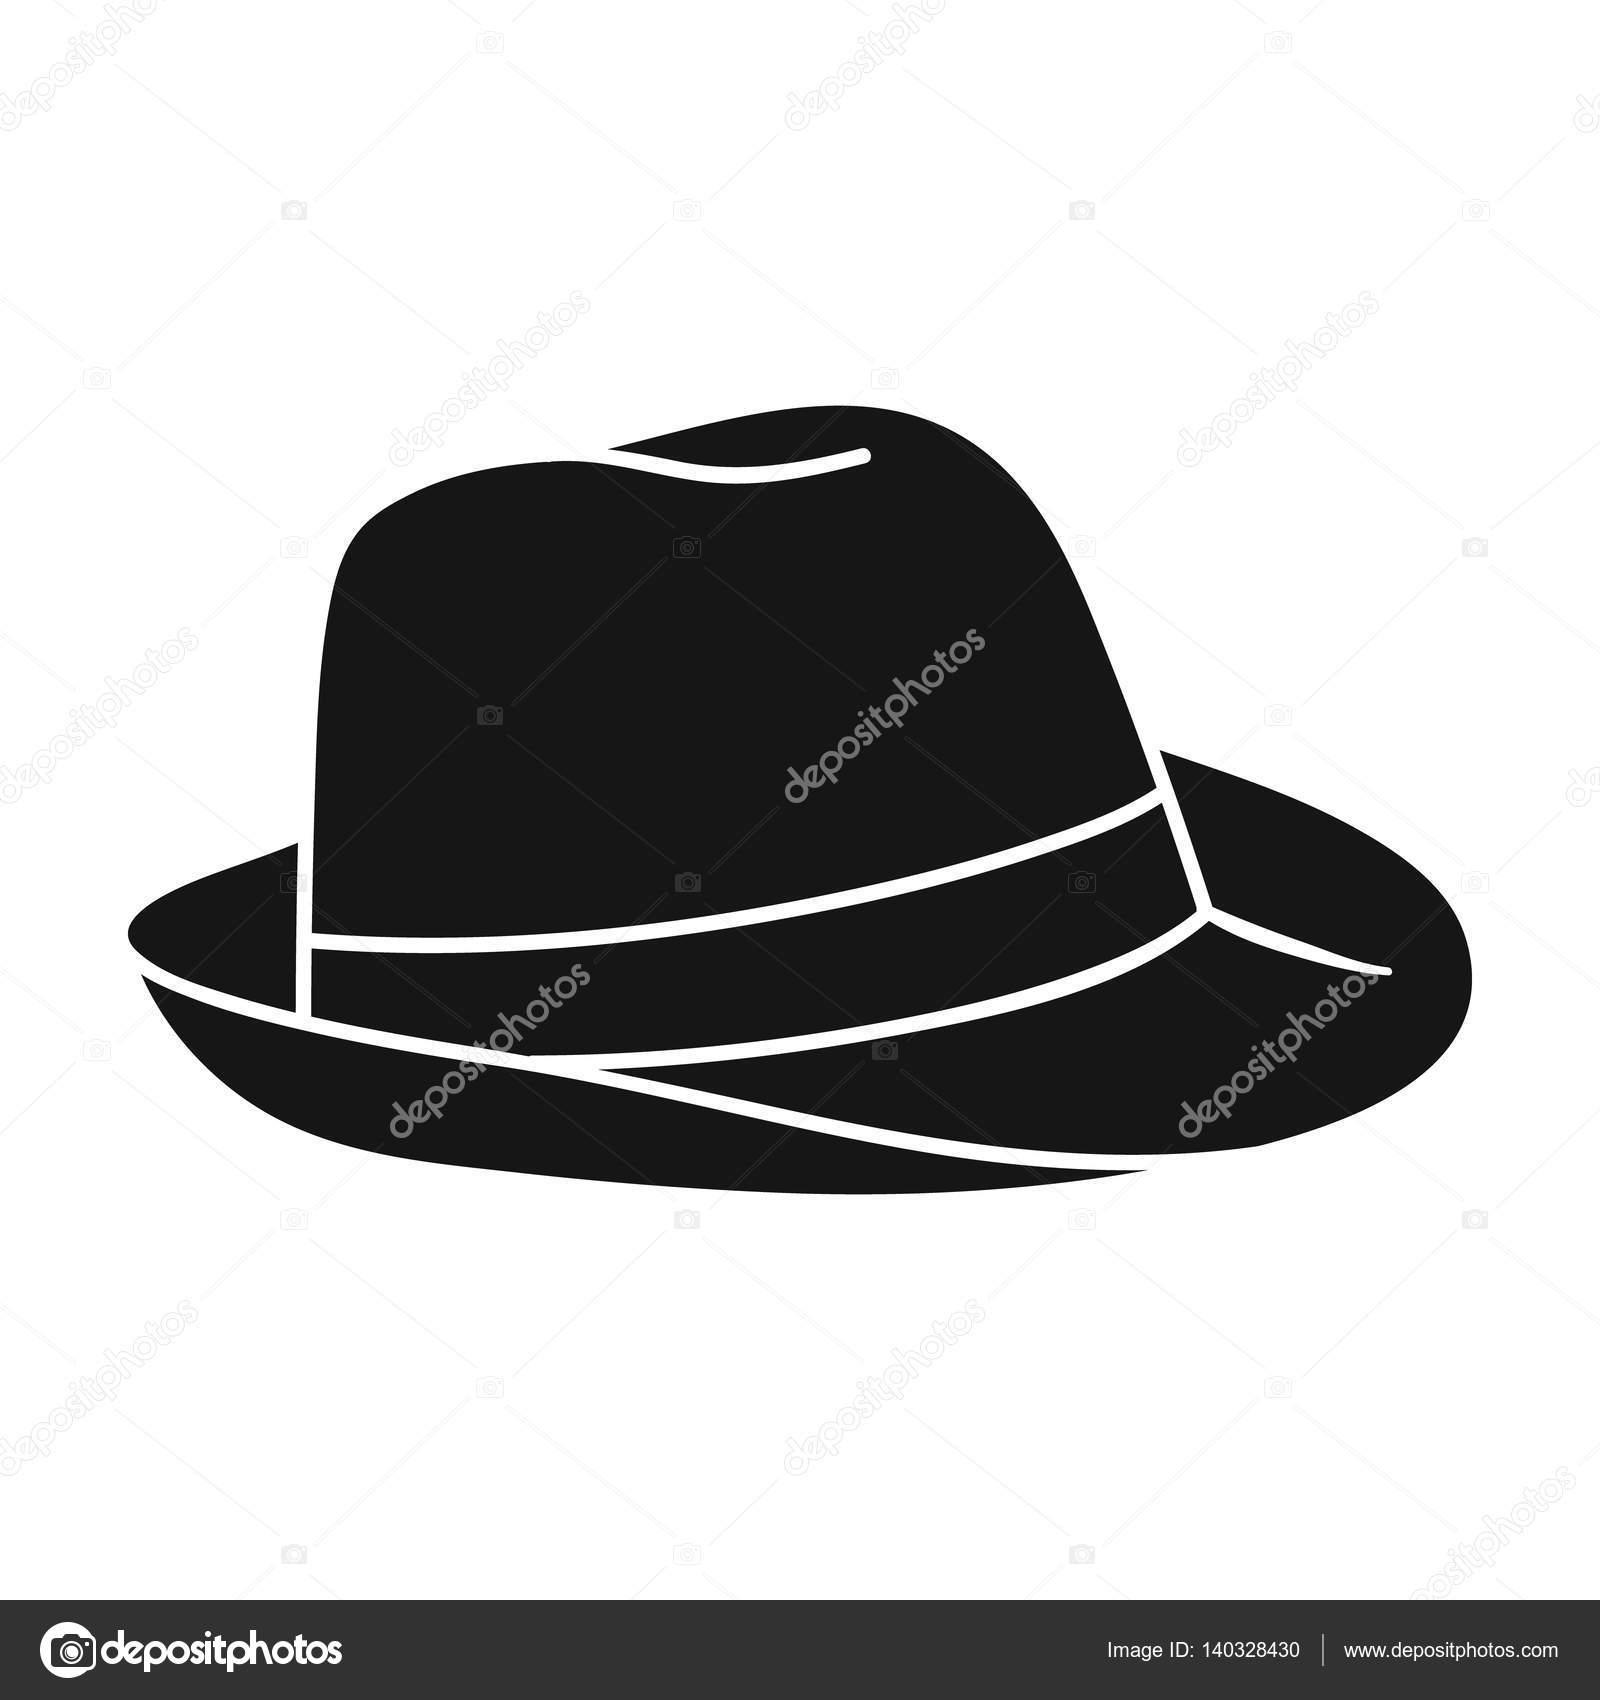 8a82e79ec62bf Chapéu Panamá ícone no estilo preto isolado no fundo branco. Ilustração de  estoque vetorial de